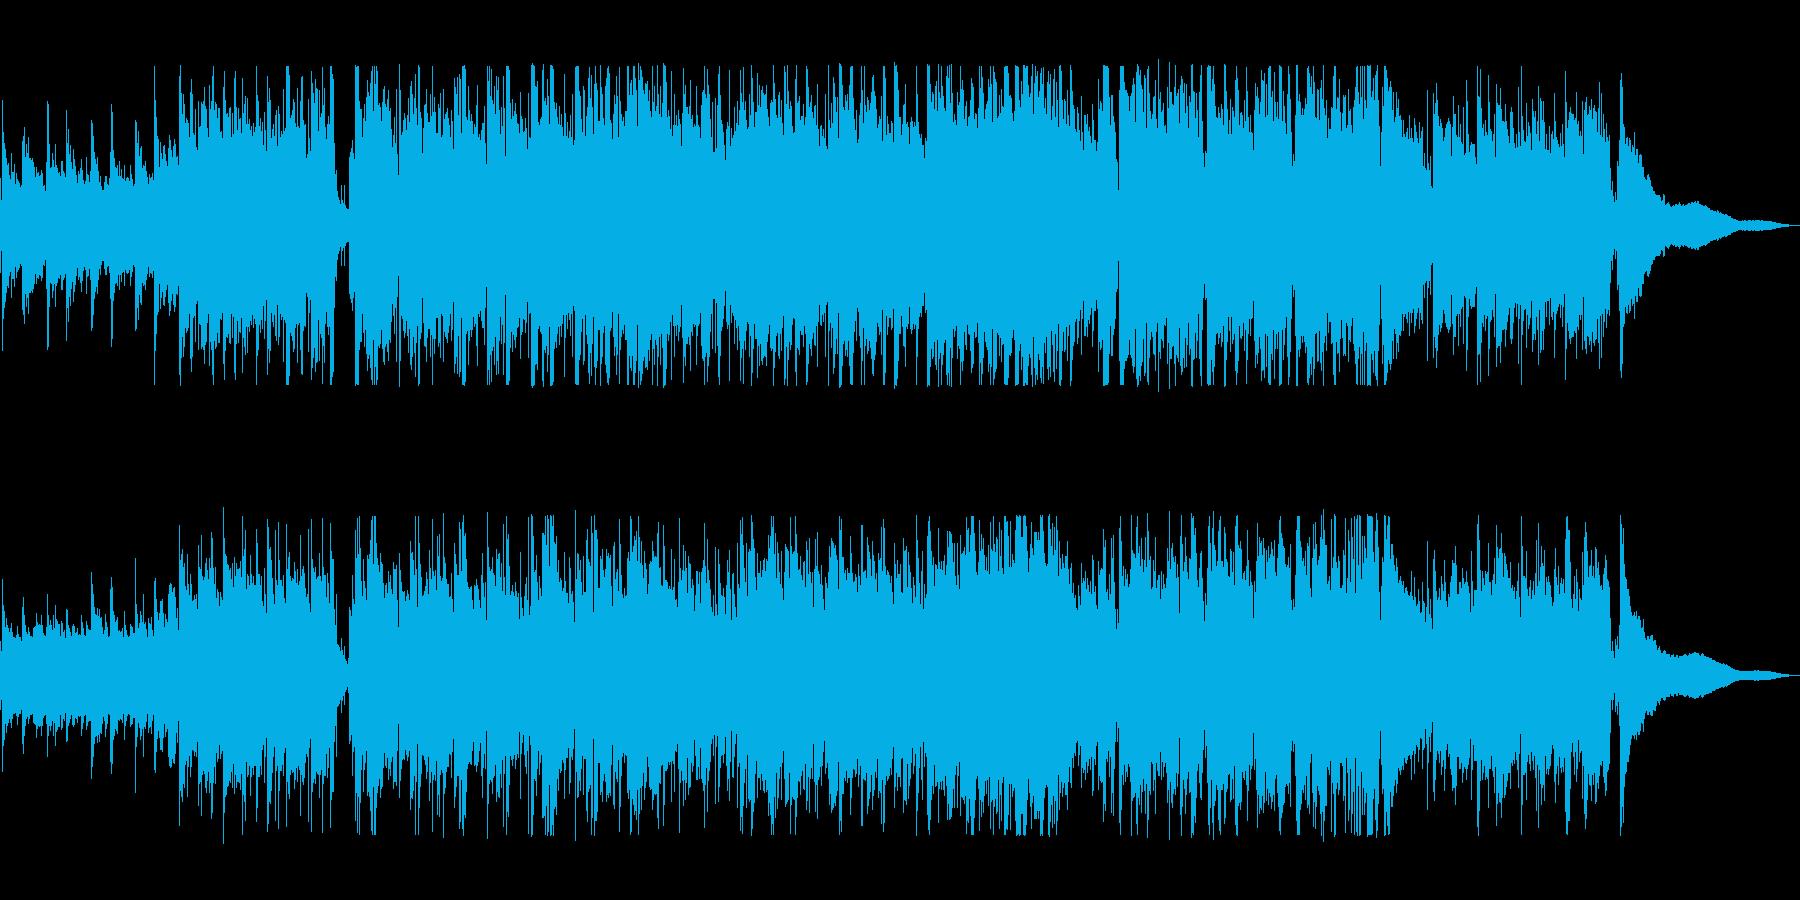 究極のホリデーミュージックの再生済みの波形